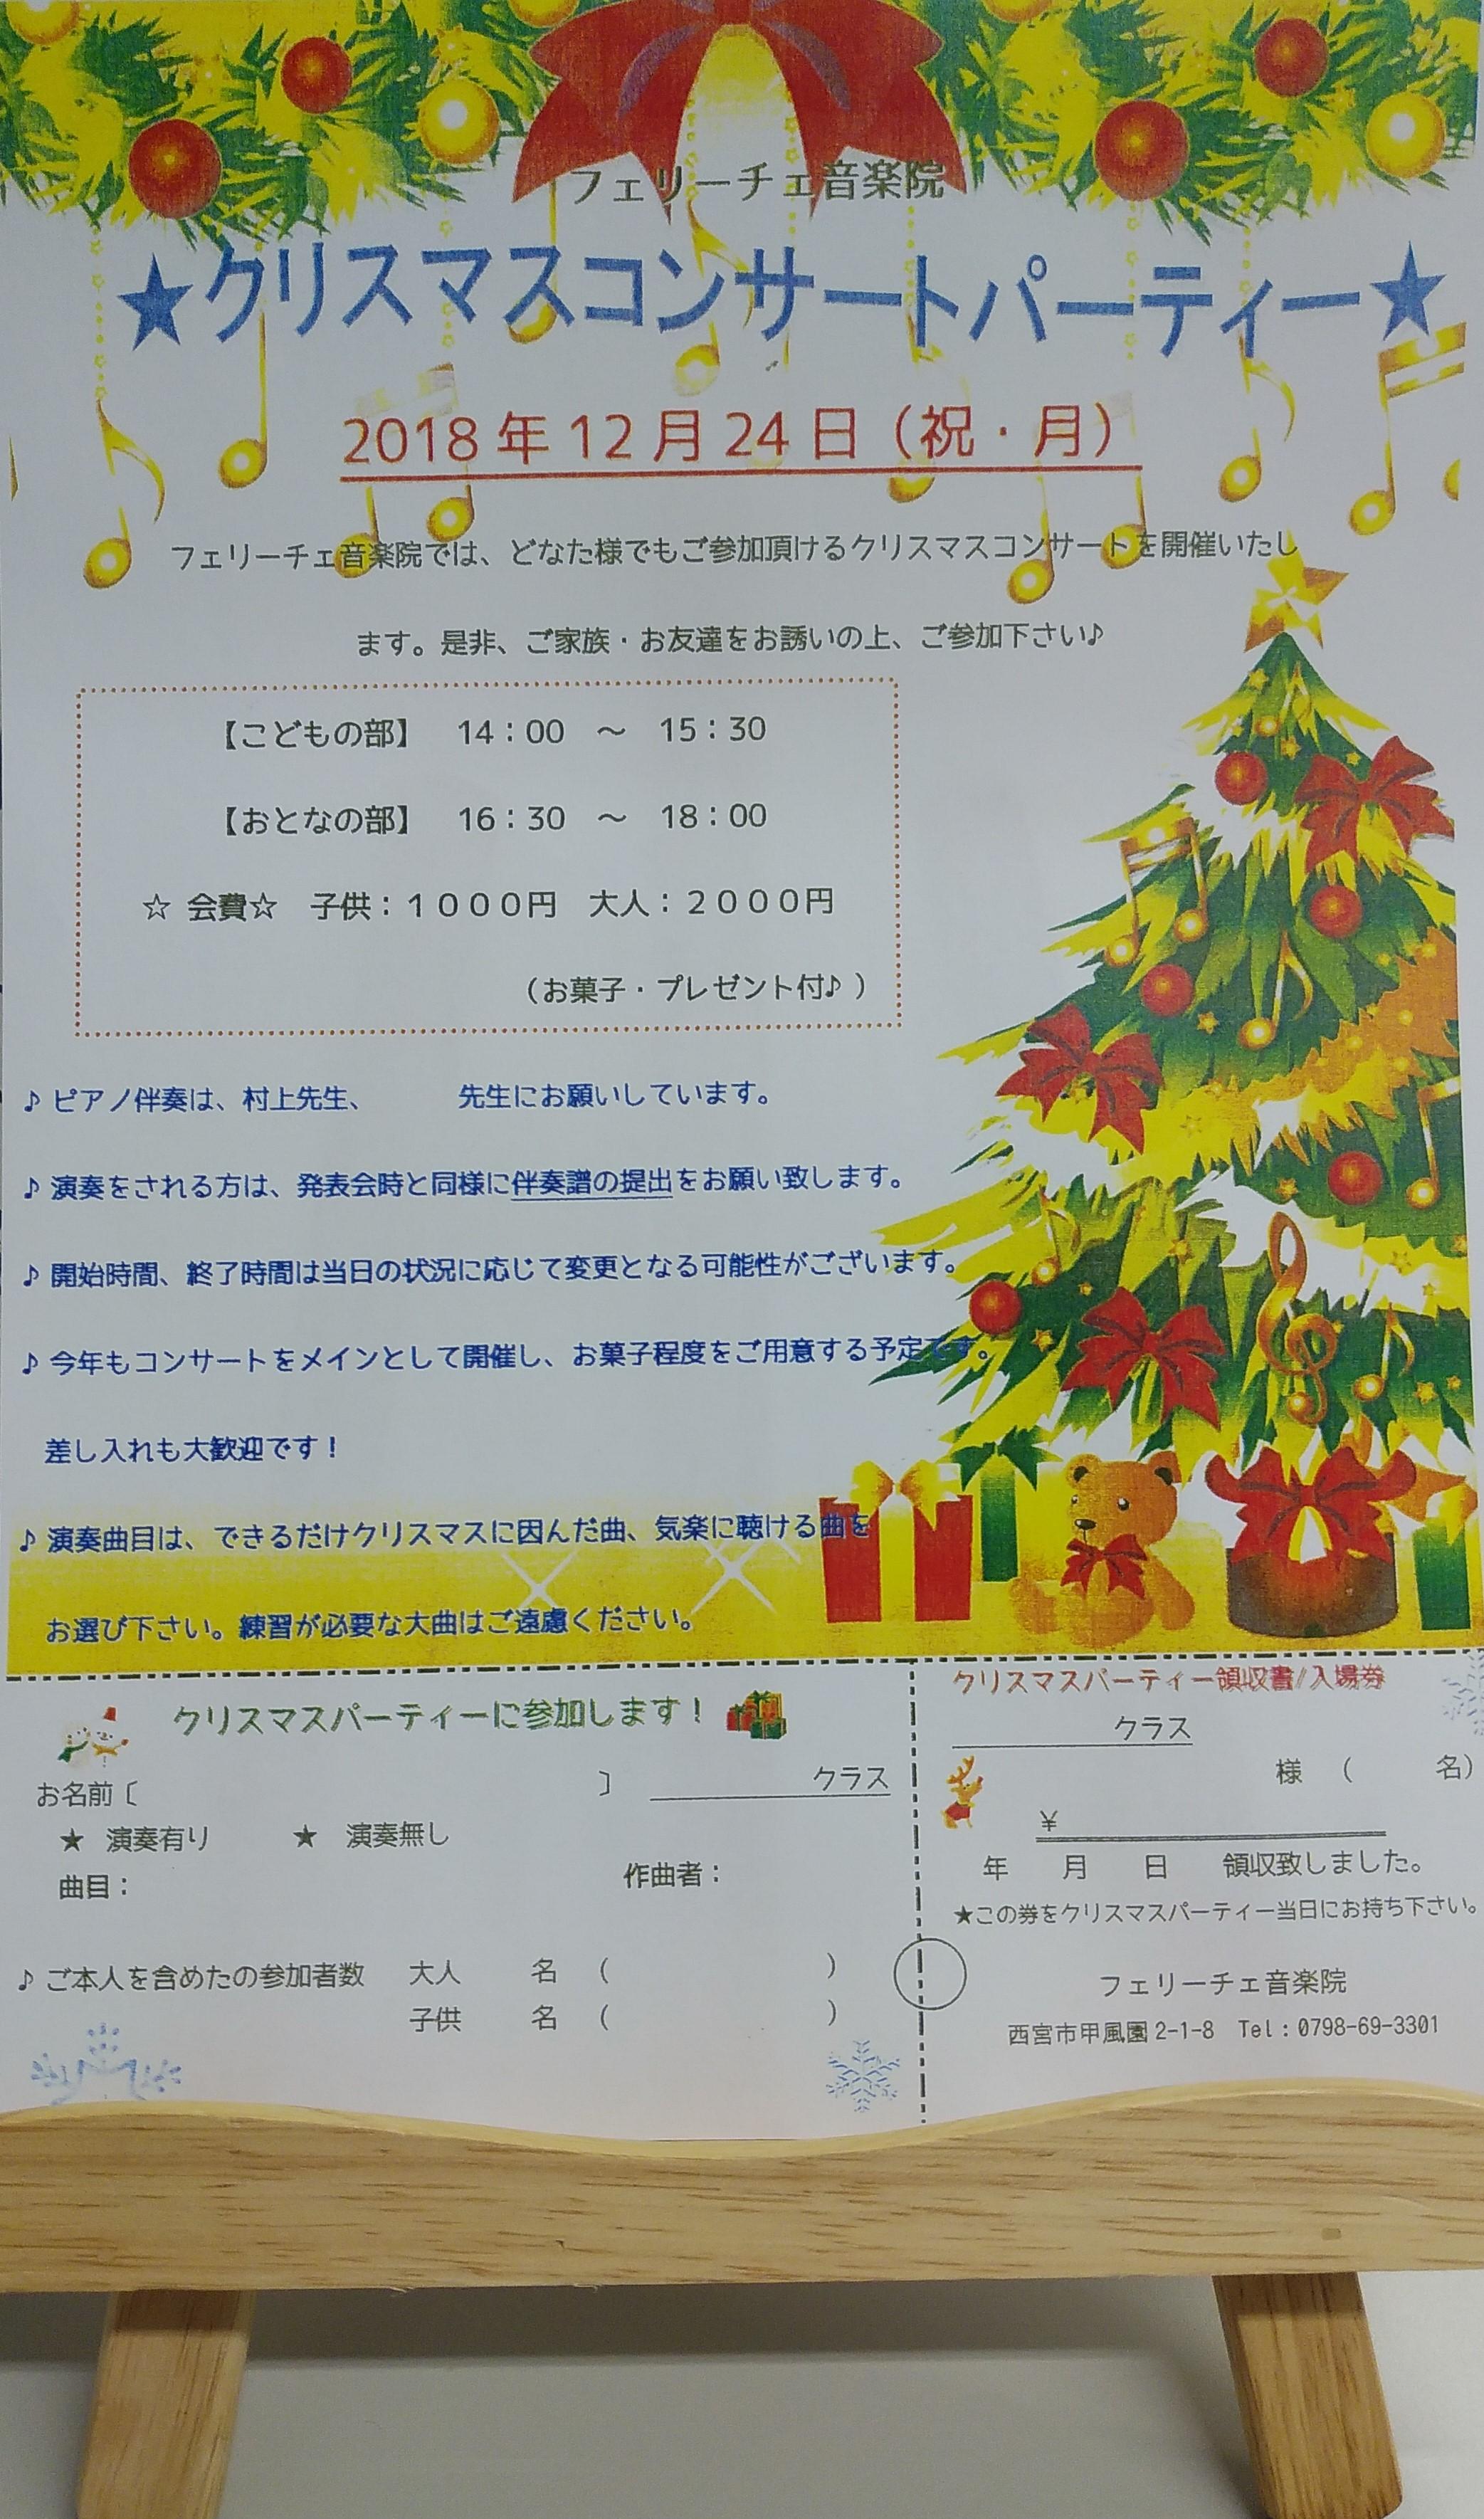 http://felice-ongakuin.com/news/DSC_1992%20%28002%29.jpg